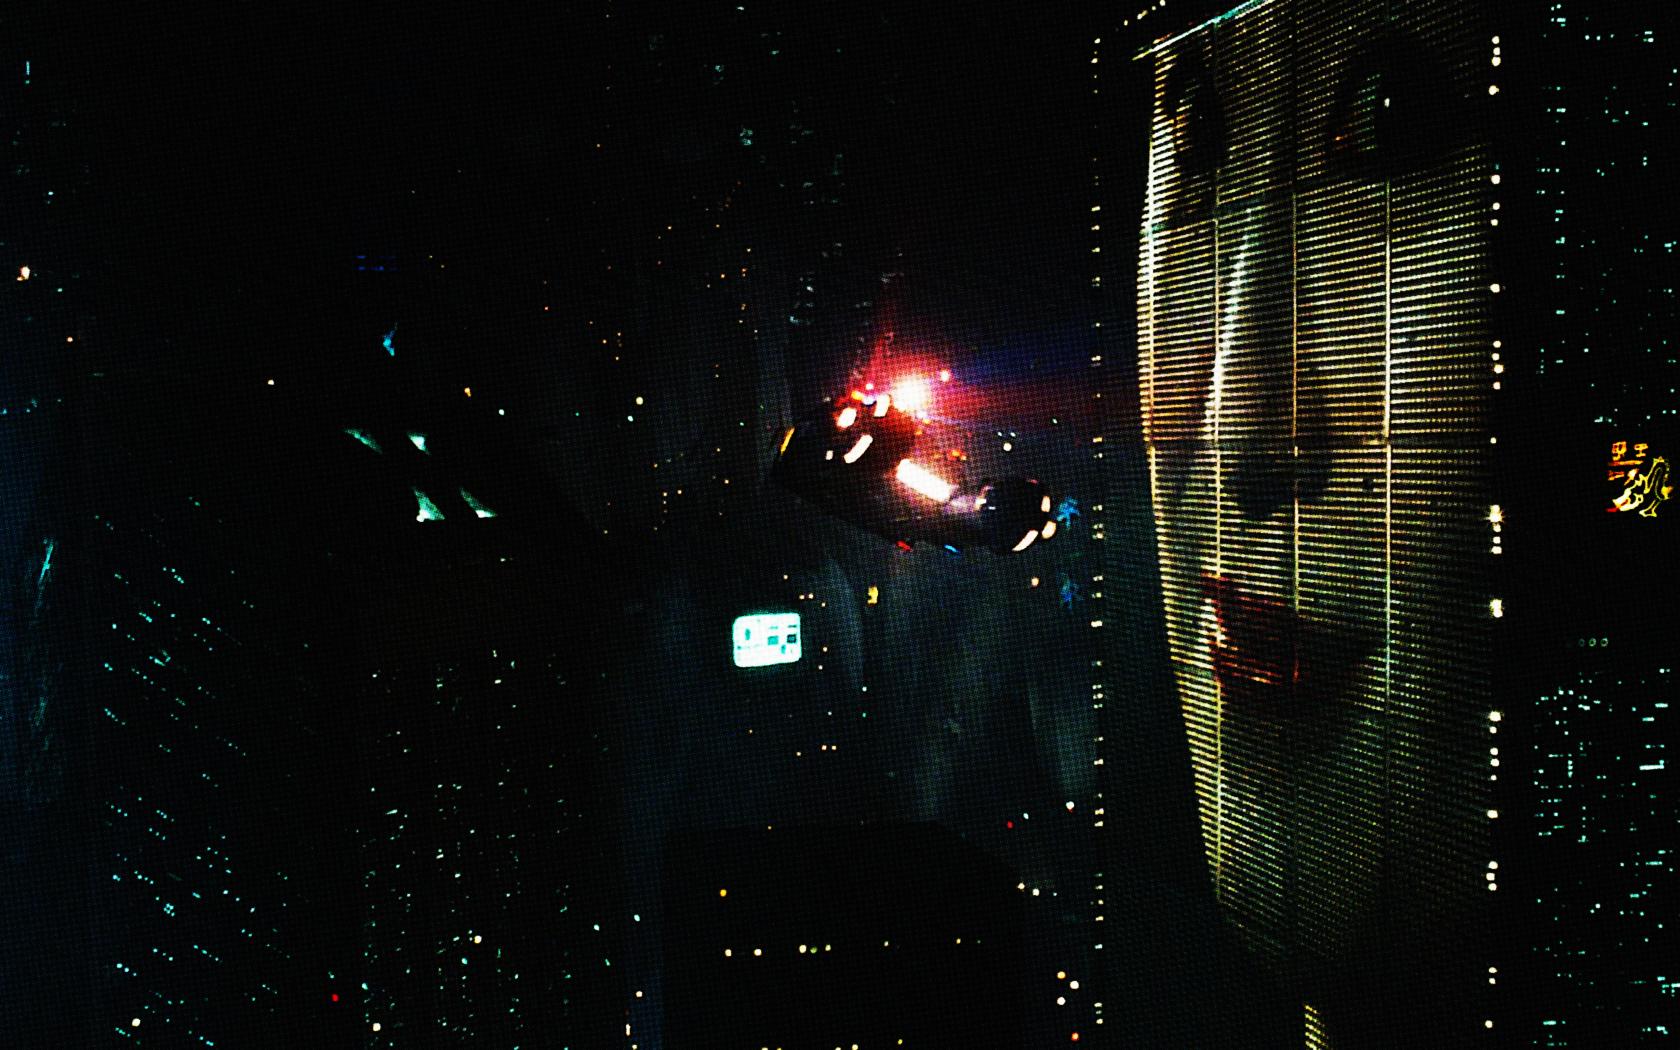 Blade Runner Wallpaper 1680x1050 Blade Runner 1680x1050